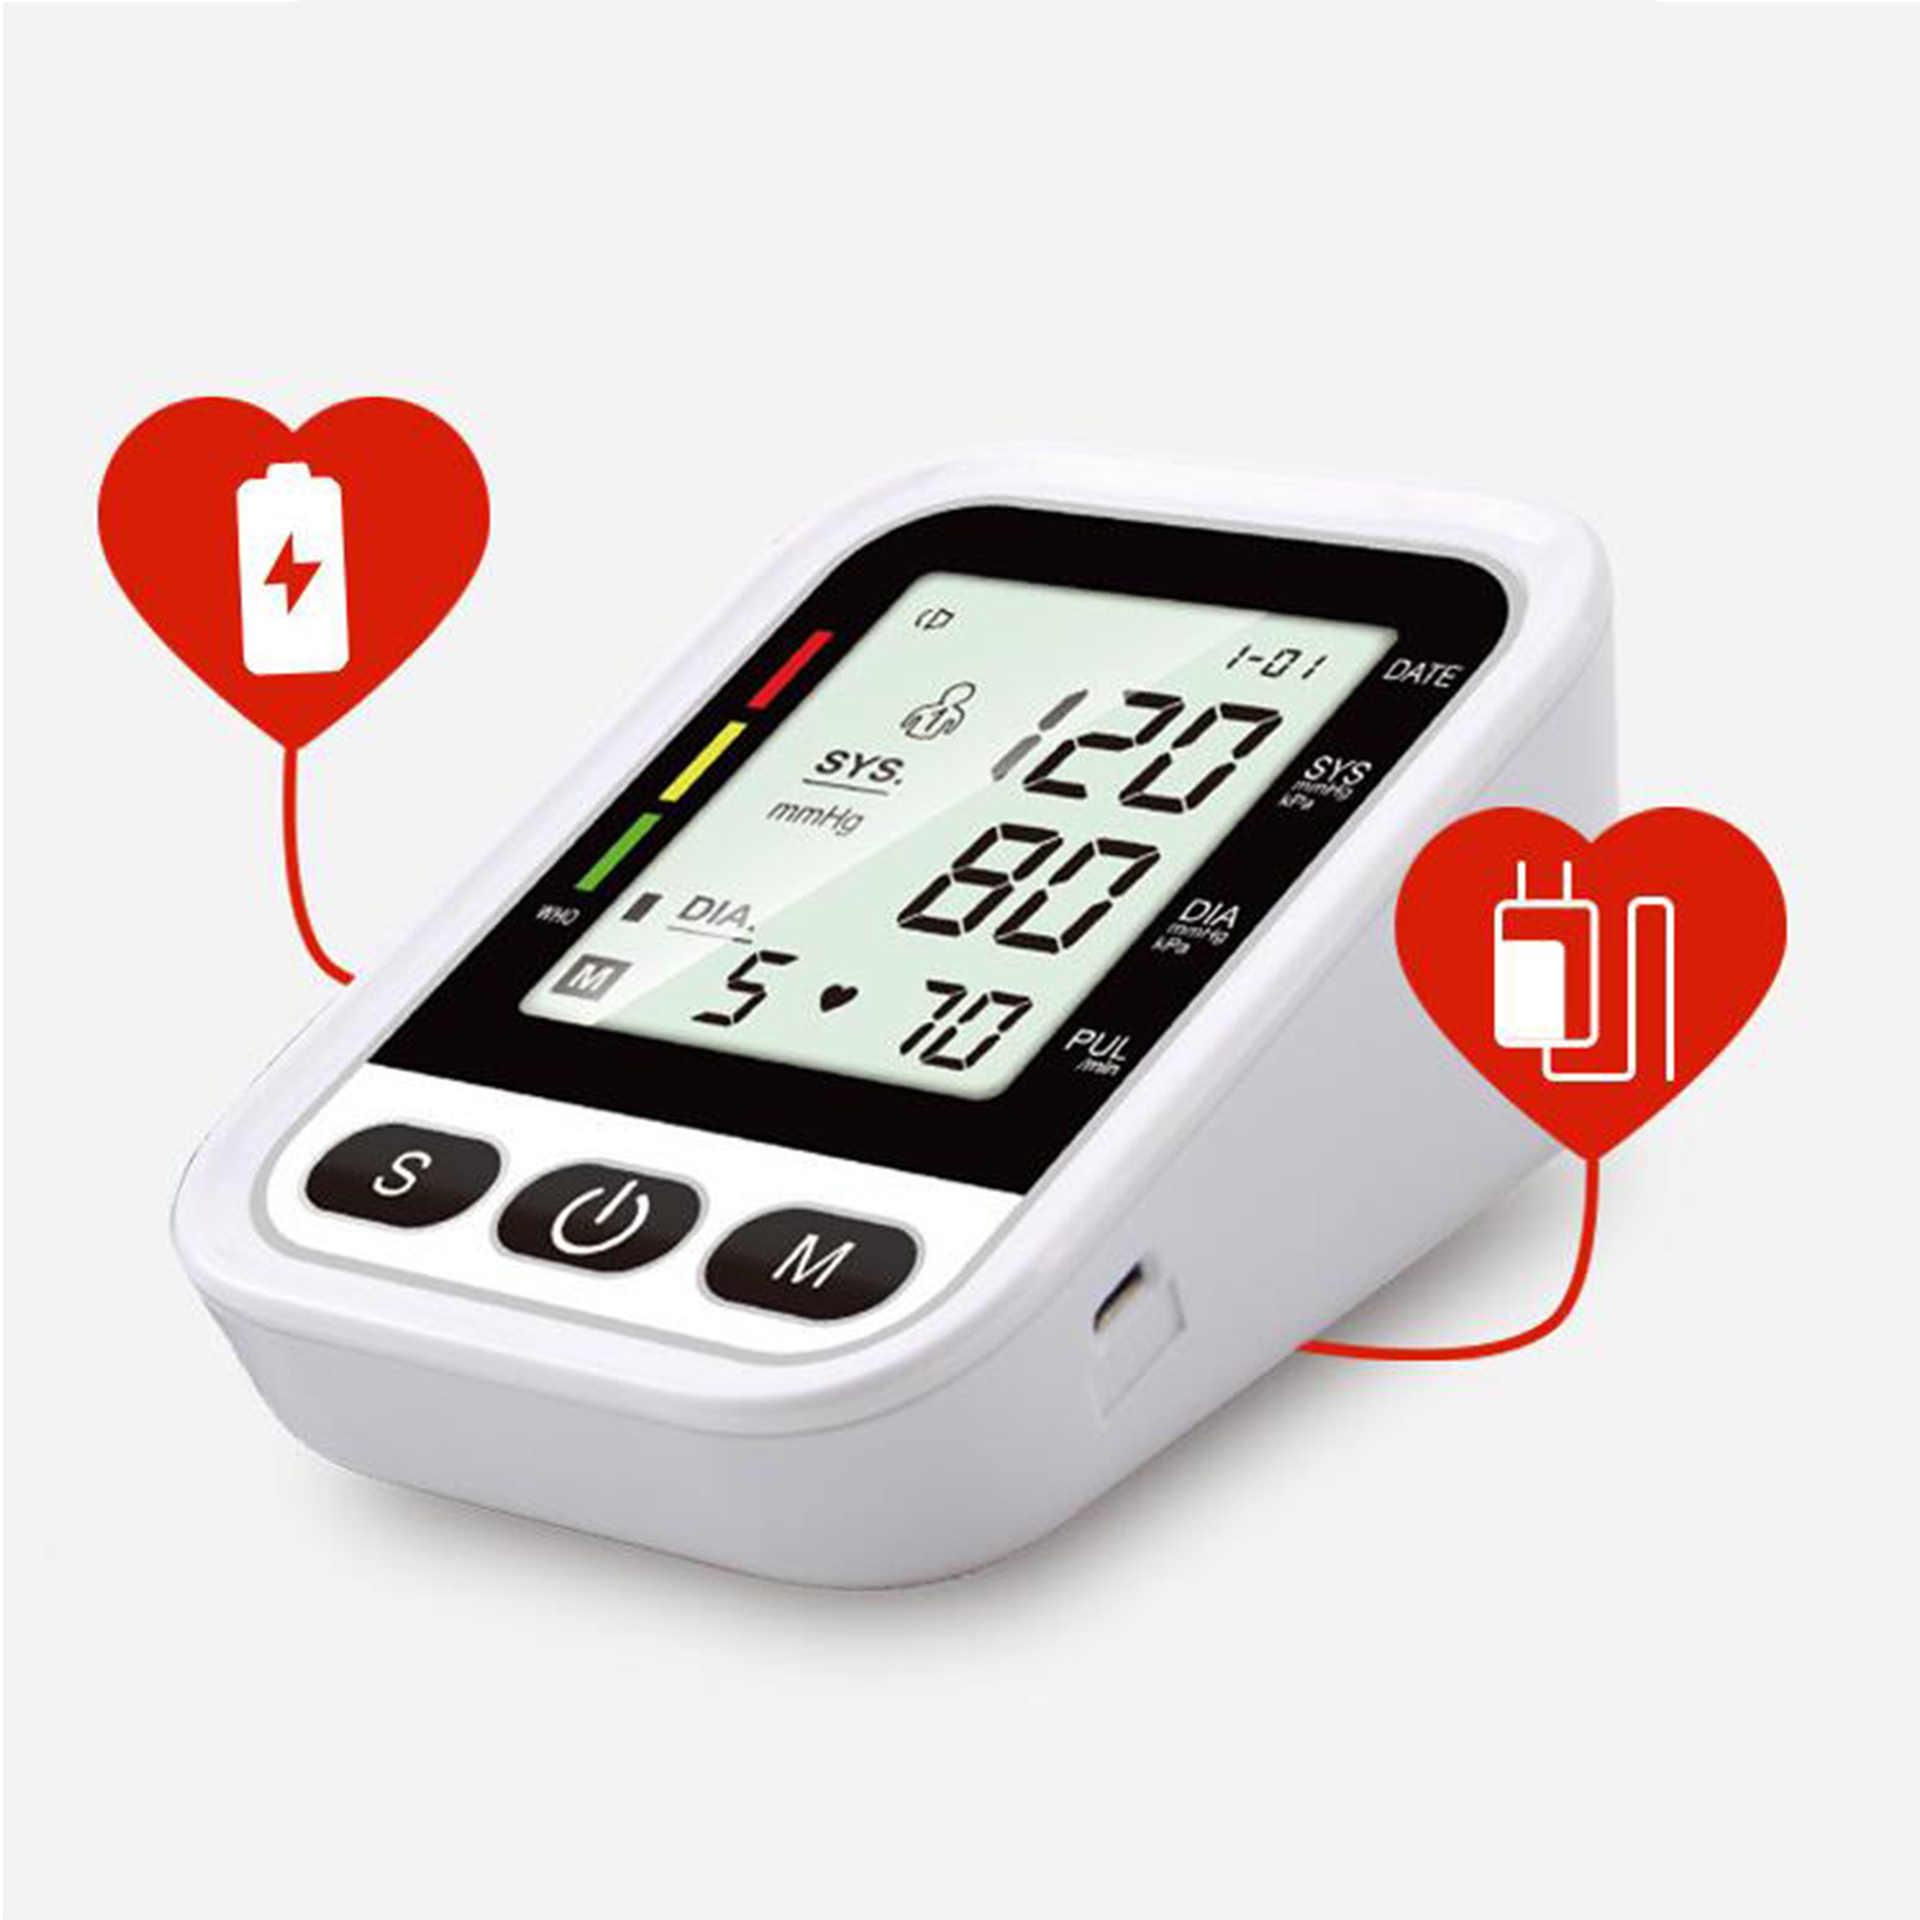 Пожилым людям Монитор артериального давления на руку Автоматическая интеллигентая (ый) Английский Голос Сфигмоманометр большая Экран Дисплей медицинские приборы для использования в домашних условиях, монитор